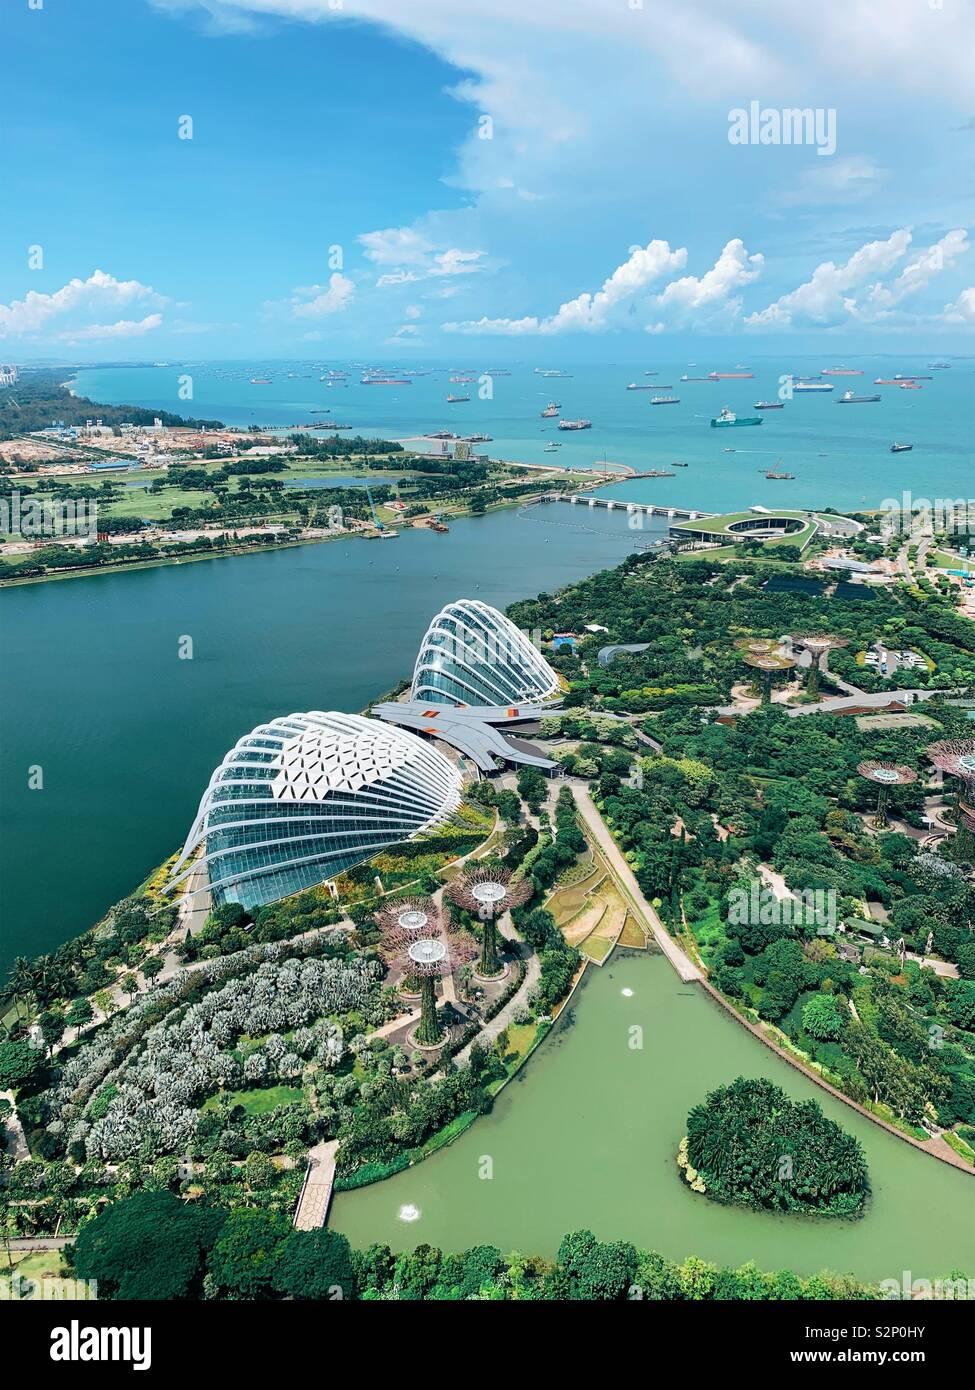 Blick vom 57. Stock des Marina Bay Sands übersicht Gärten durch die Bucht, Super Bäume, Blumen Dome, Nebelwald und Schiffe im Hafen Stockfoto